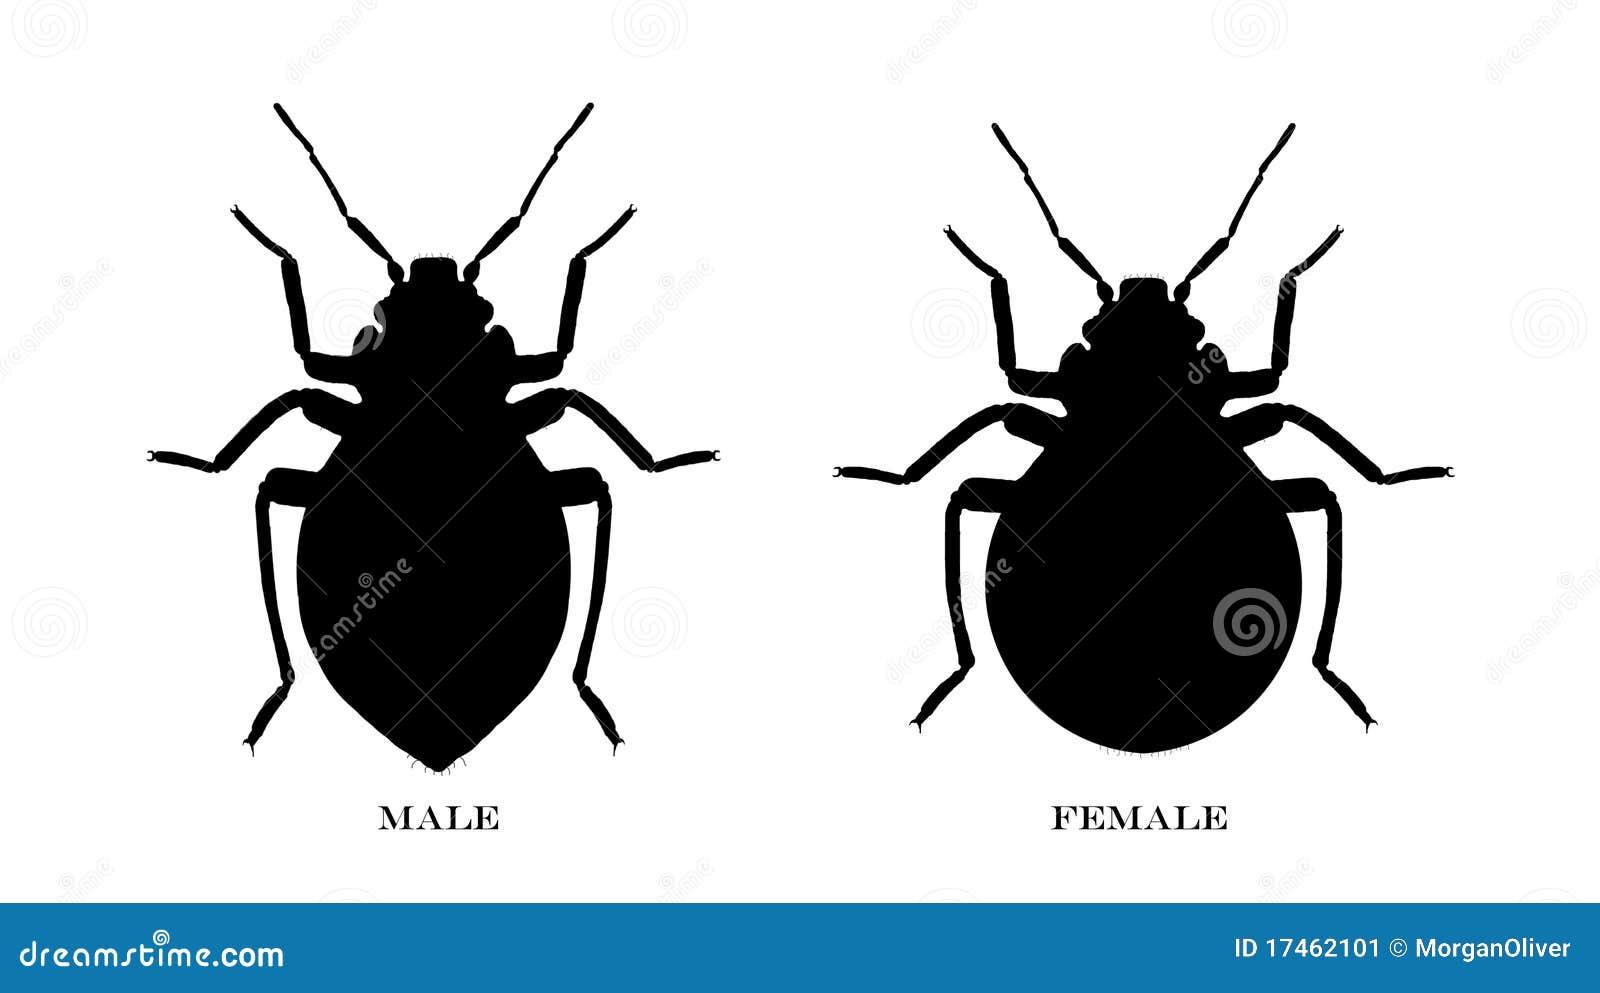 Stock Image Male Female Black Illustrated Bedbugs Image17462101 on Bed Bugs United States